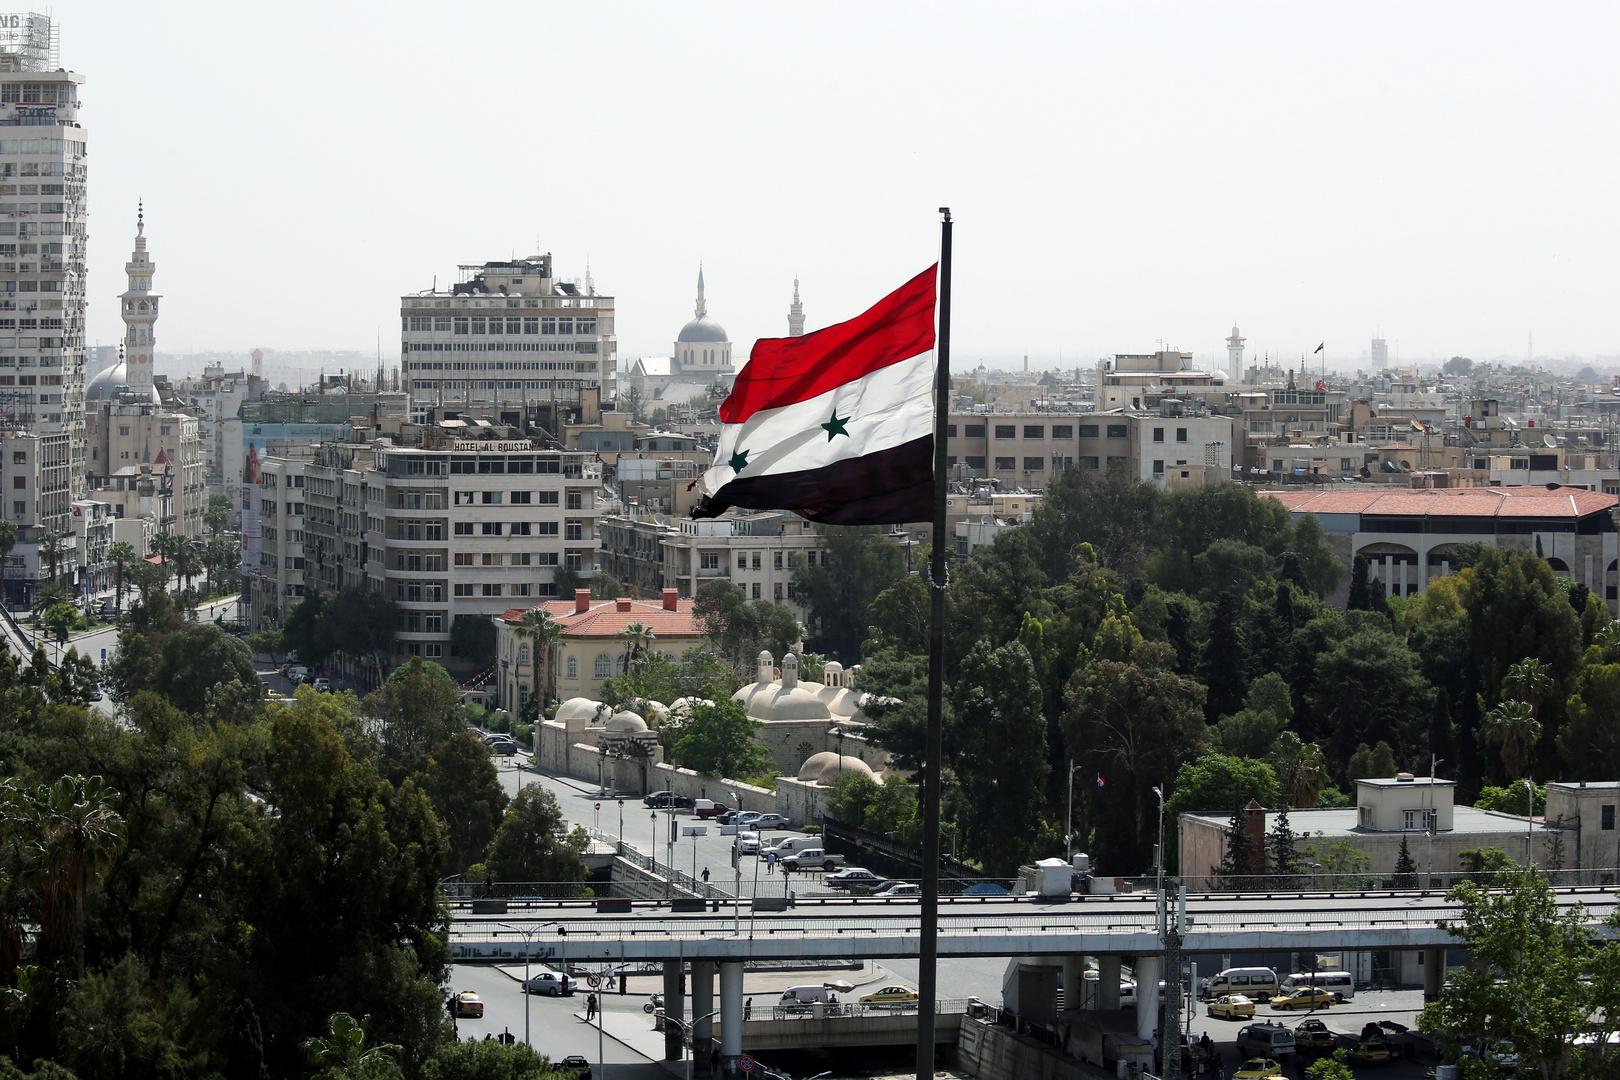 مسؤول سوري: ليس هناك ربط بين الانتخابات الرئاسية وعمل اللجنة الدستورية